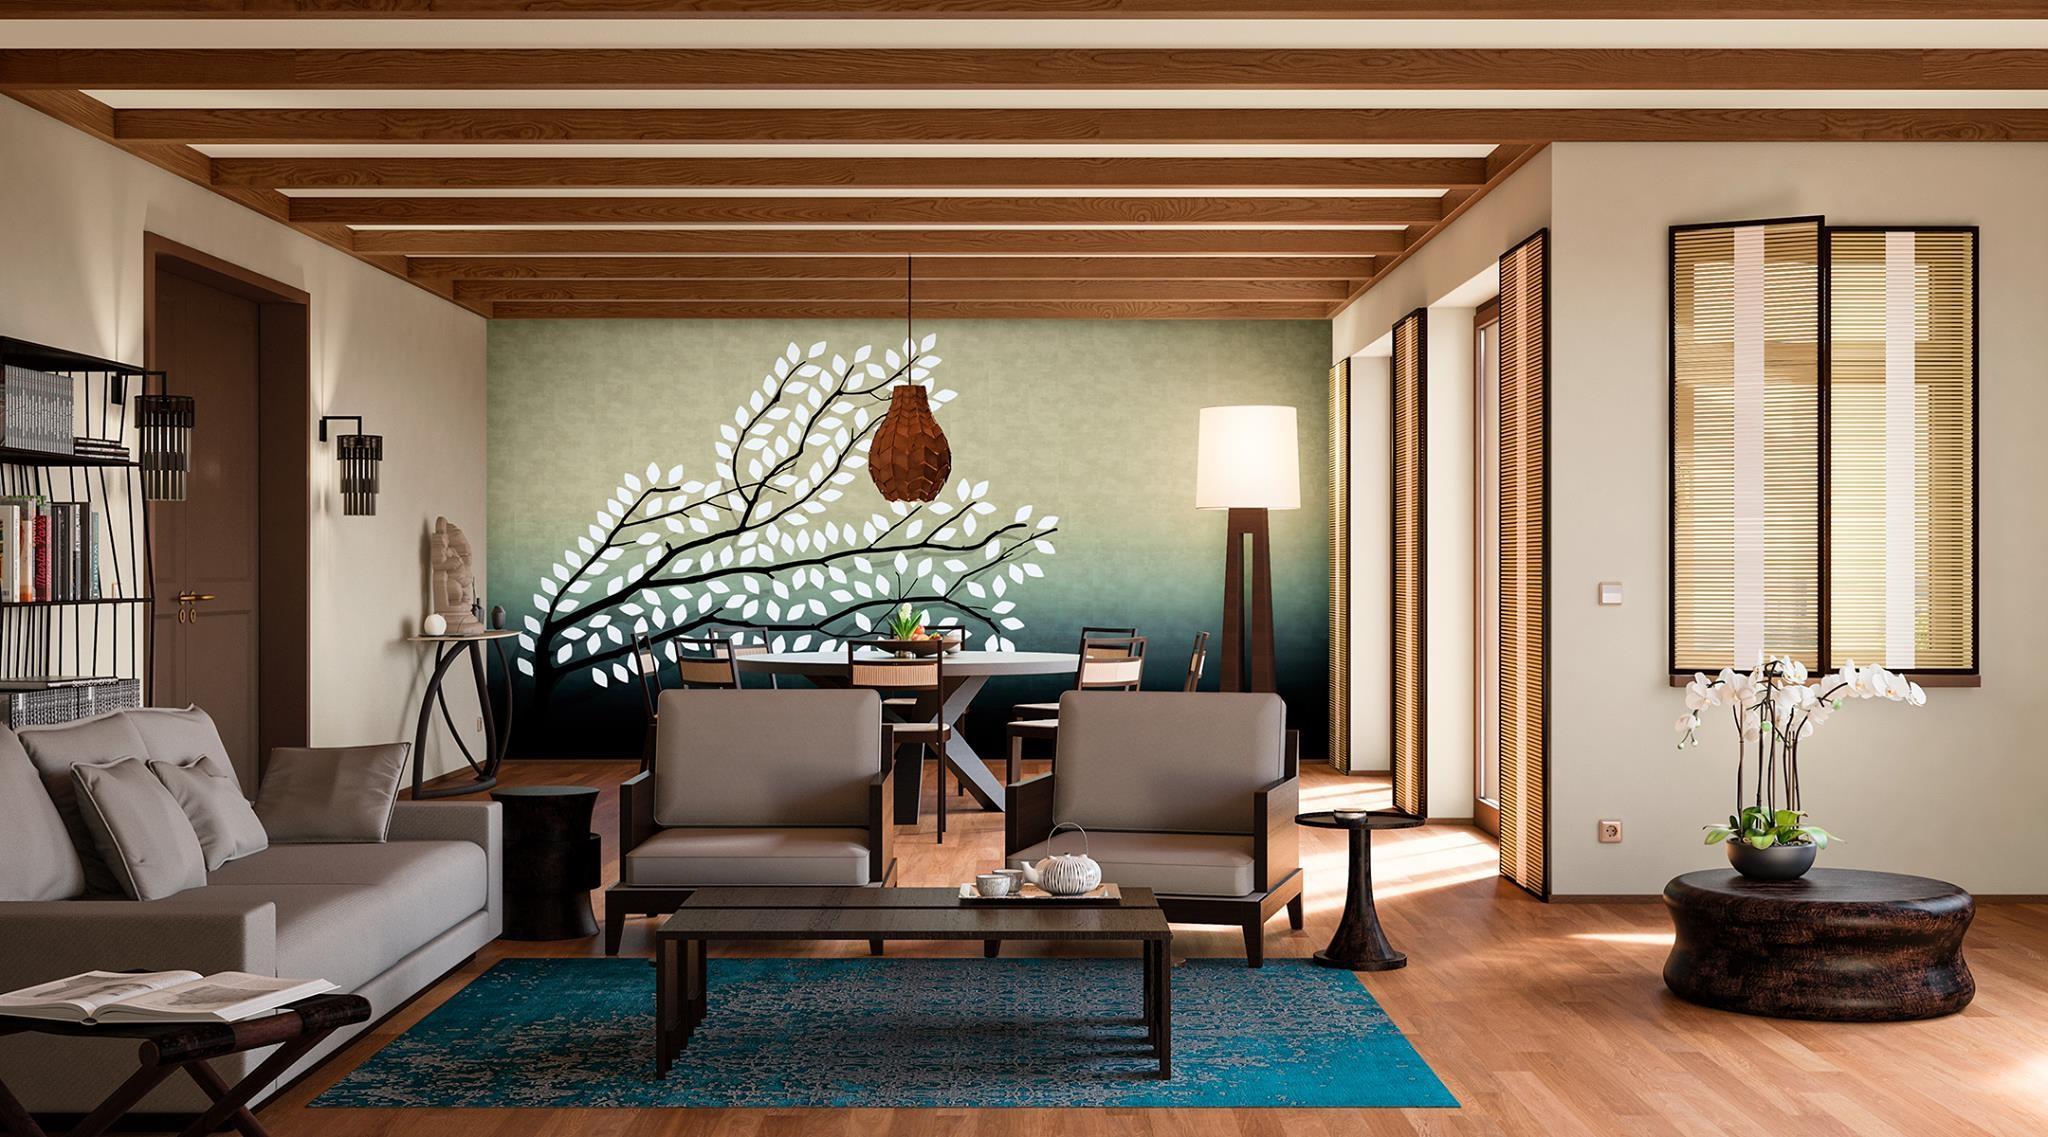 gemutliches zuhause dielenboden gemutliches zuhause dielenboden ... - Gemutliches Zuhause Dielenboden